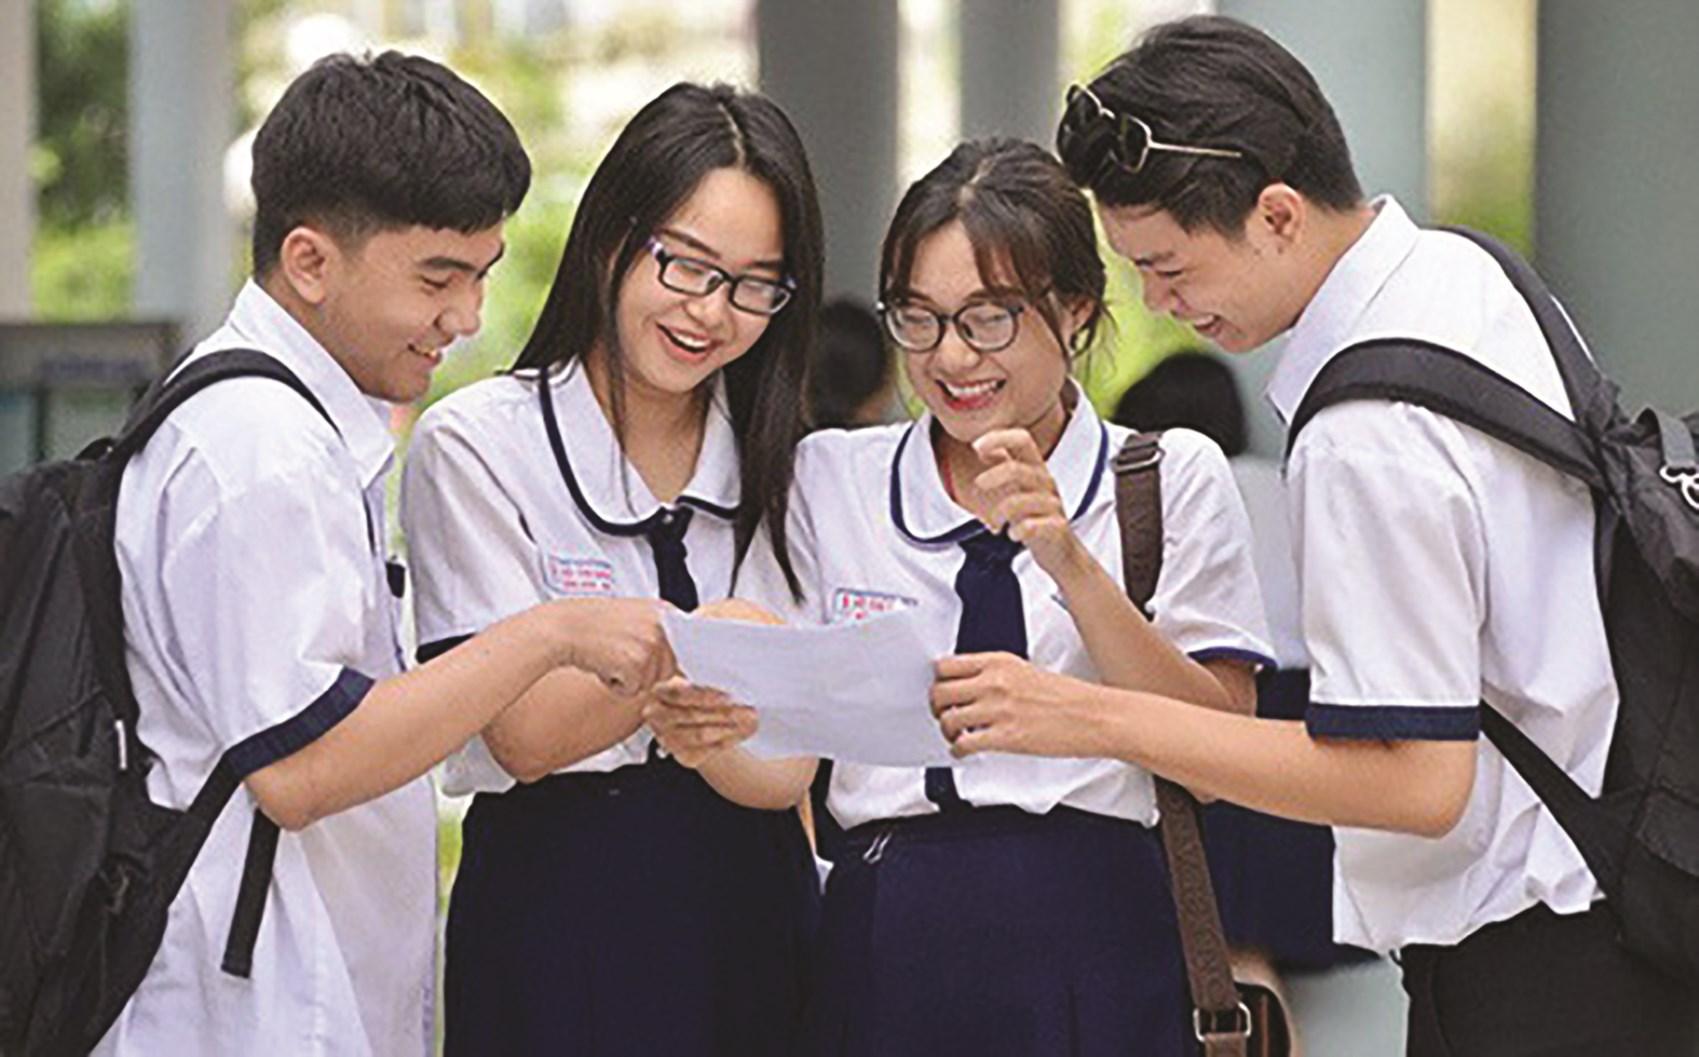 Cánh cửa các trường đại học đang rộng mở để chào đón các tân sinh viên nhập học